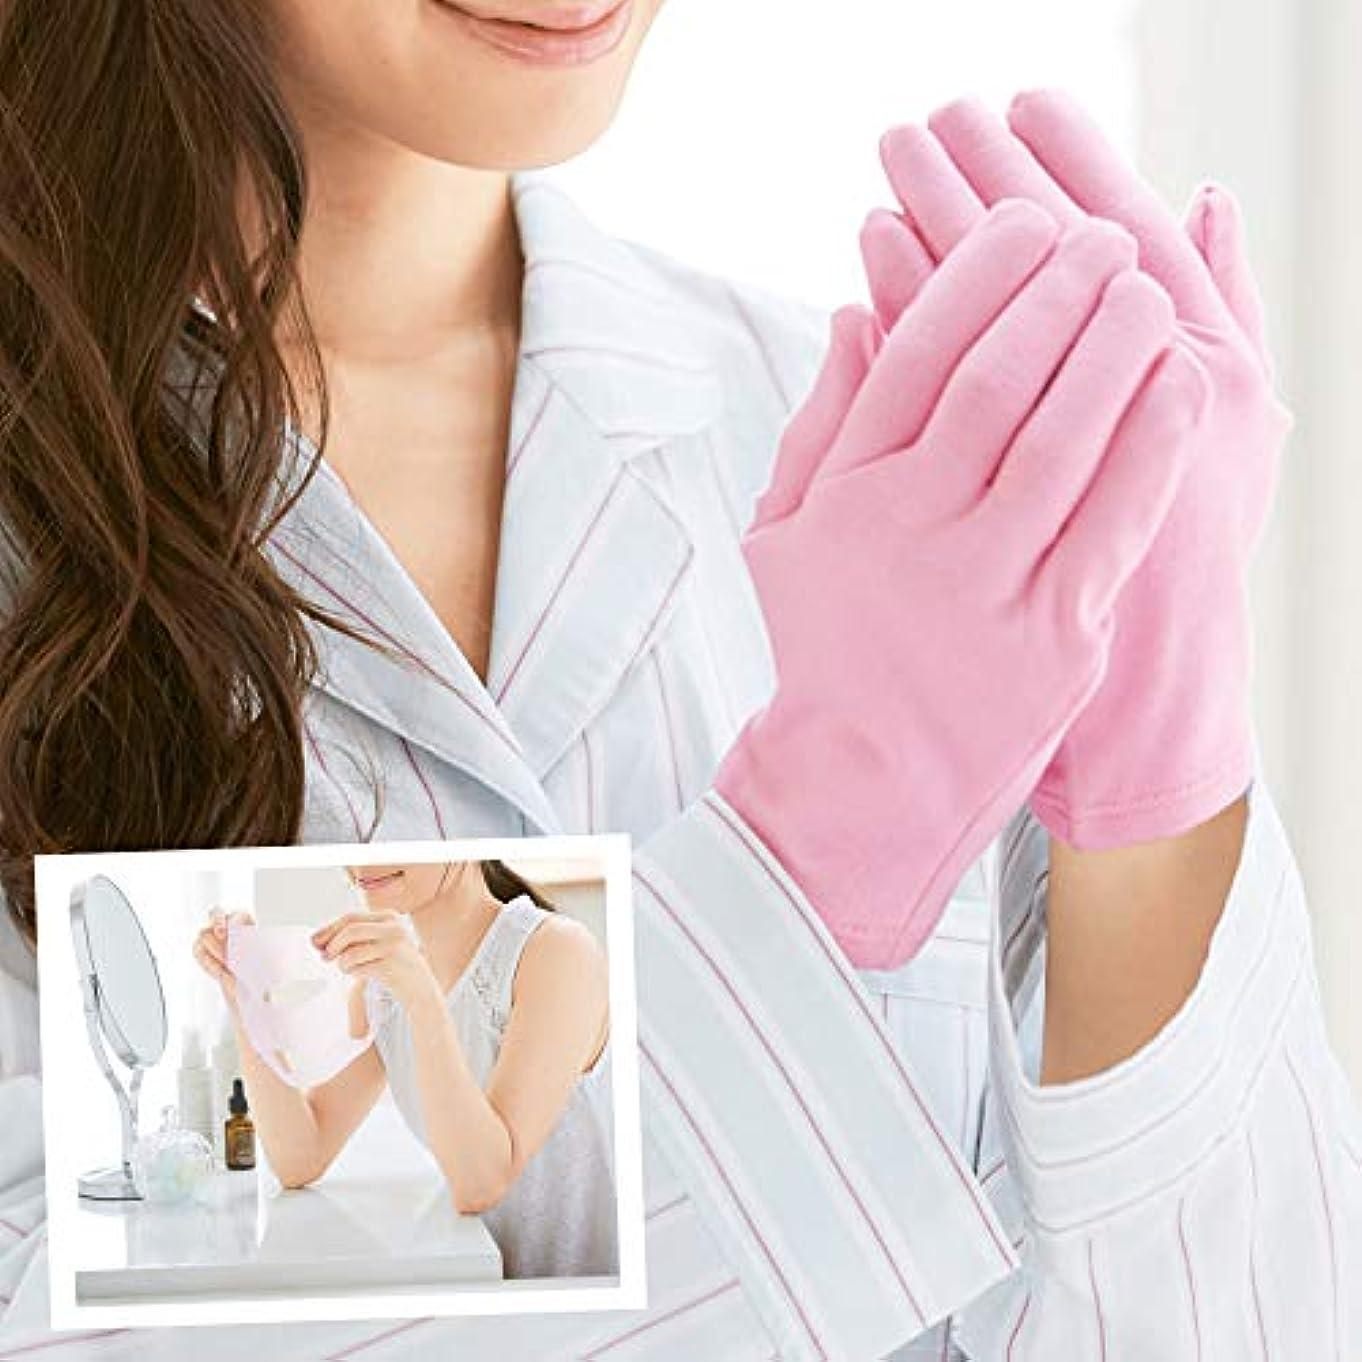 払い戻し敵対的モザイクうるり肌 シリコンマスク&ナイトケア手袋 保湿ケア 保湿手袋